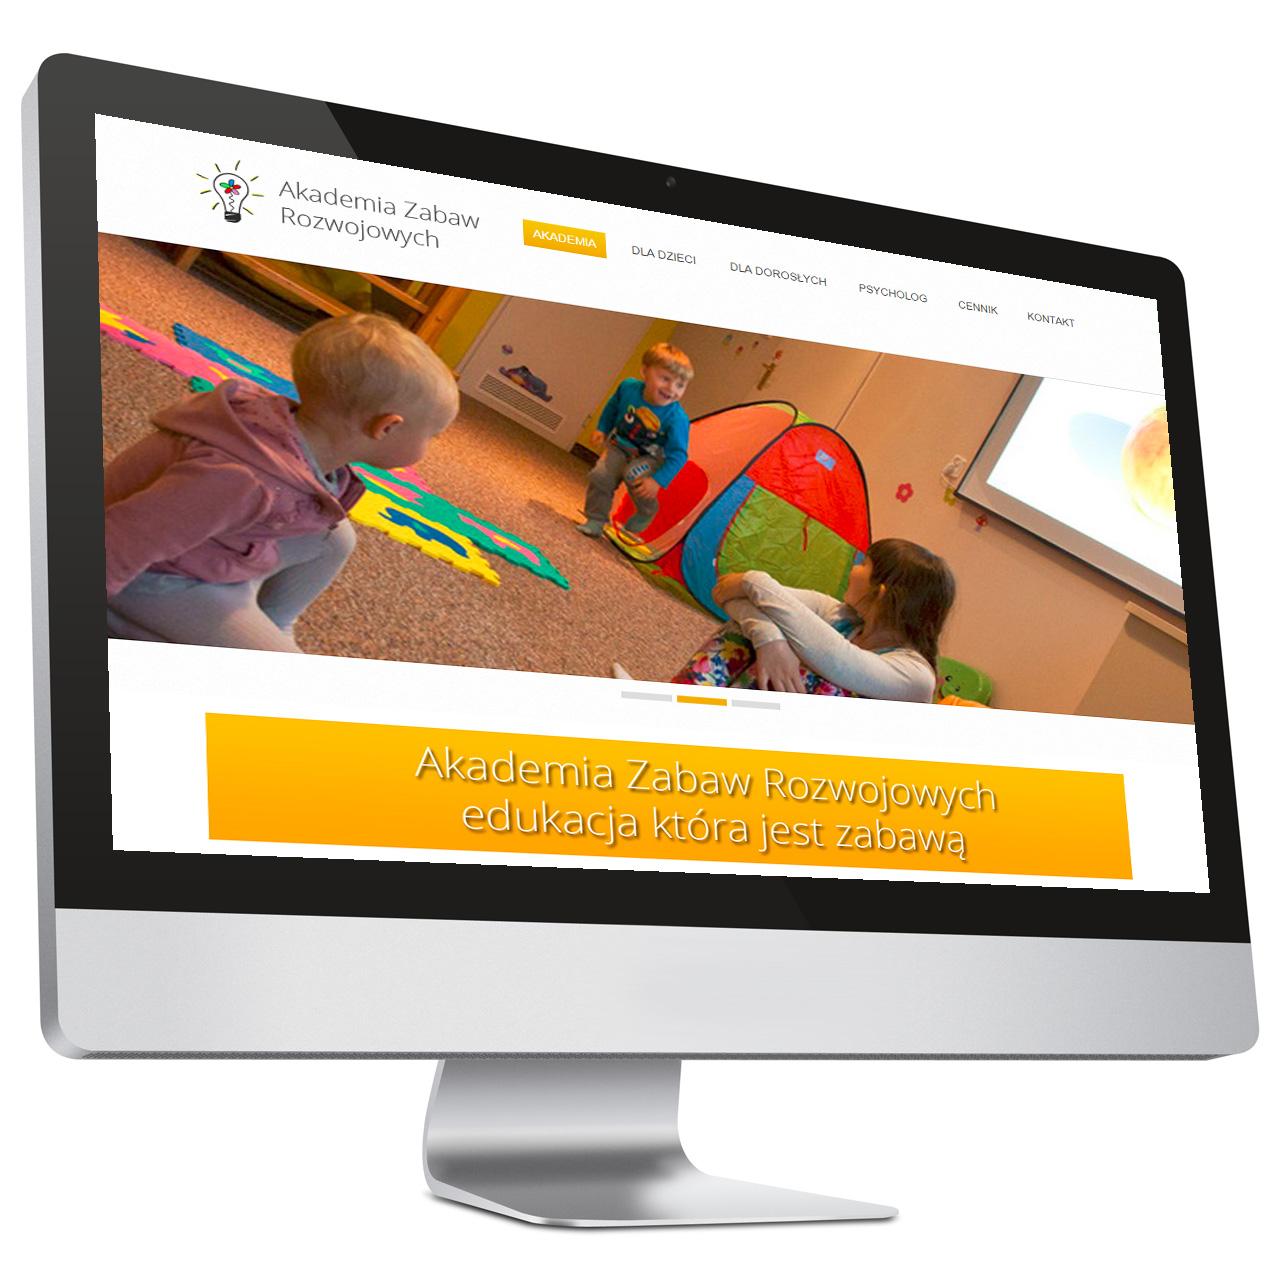 Akademia Zabaw Rozwojowych – Strona internetowa